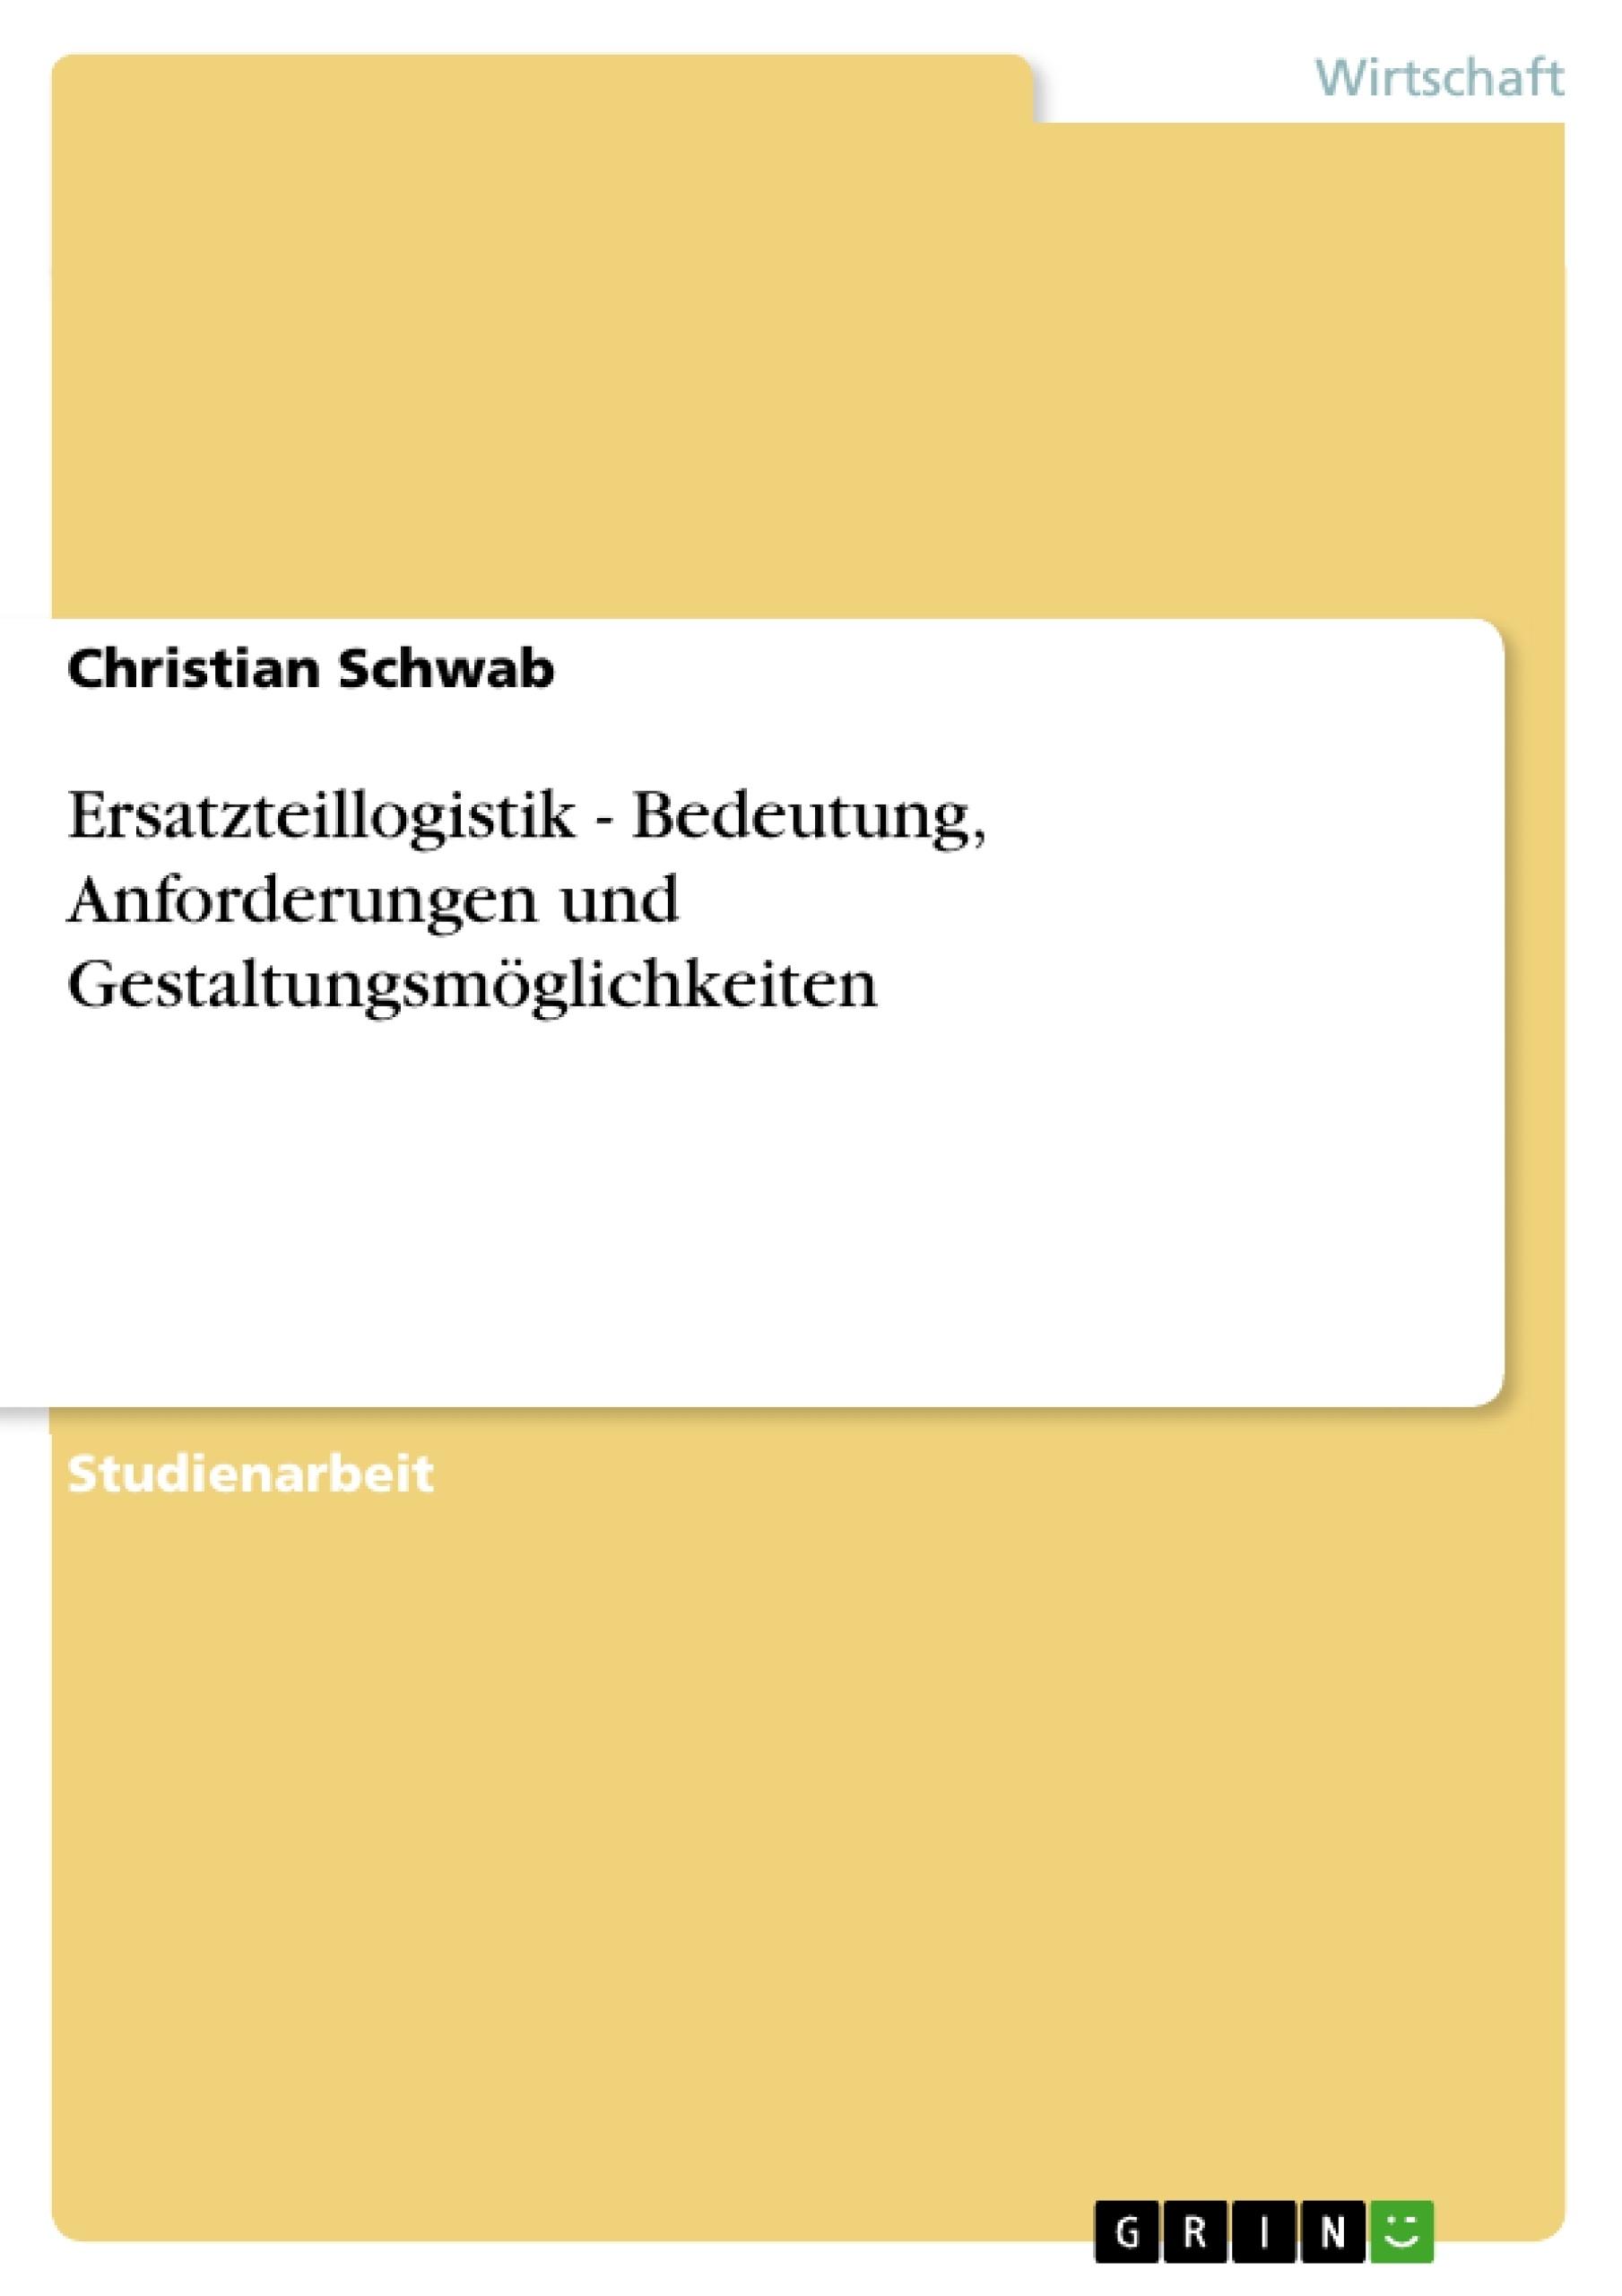 Titel: Ersatzteillogistik - Bedeutung, Anforderungen und Gestaltungsmöglichkeiten